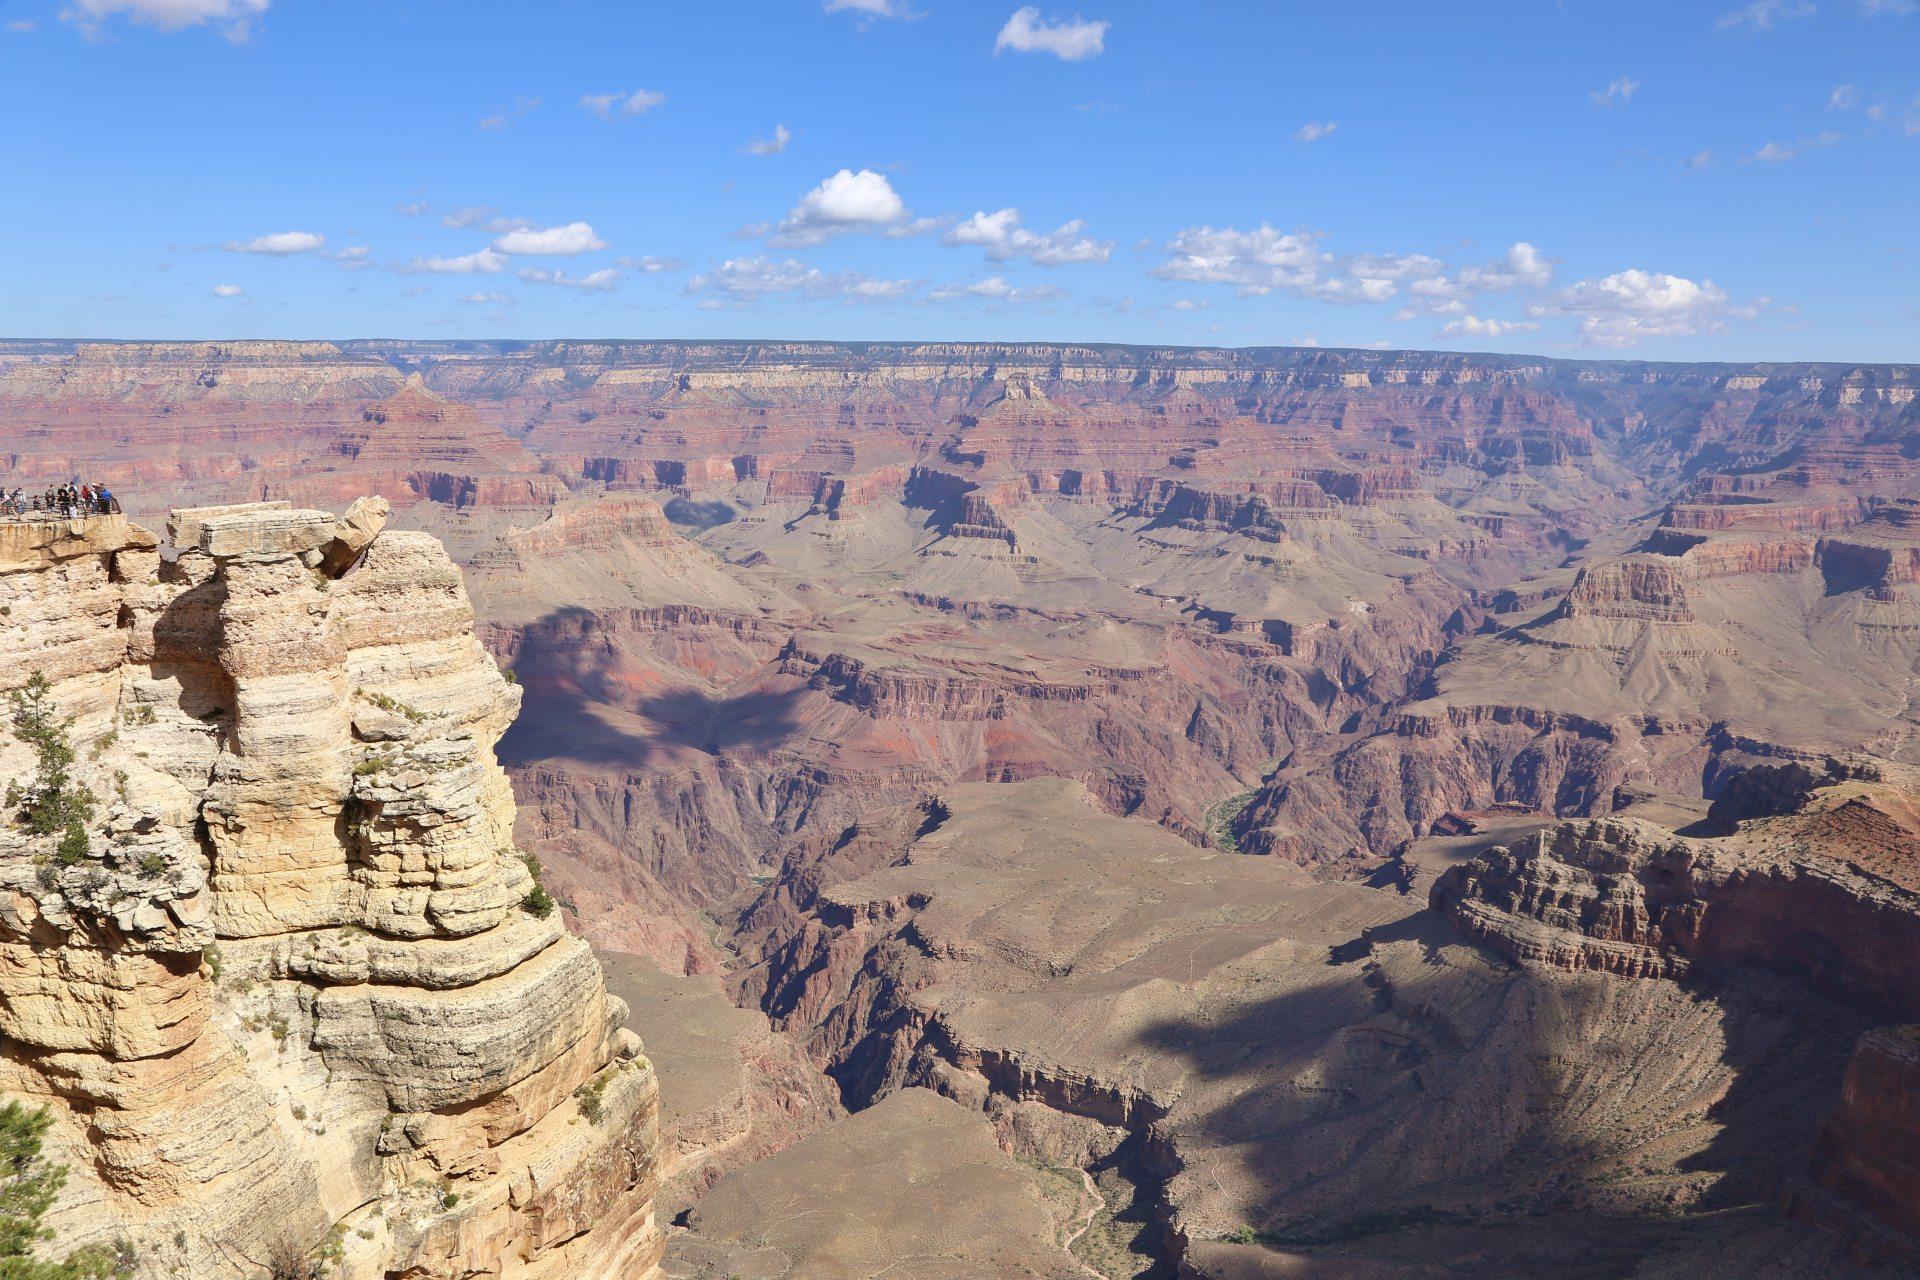 Der Grand Canyon beweist wahren Tiefgang - Arizona, Aussicht, Aussichtspunkt, Canyon, Fernsicht, Grand Canyon National Park, Himmel, Klippen, Landschaft, Mather Point, Natur, Panorama, Rim Trail, Schatten, Schlucht, Wattewolken, Wolken - (Grand Canyon, Arizona, Vereinigte Staaten)